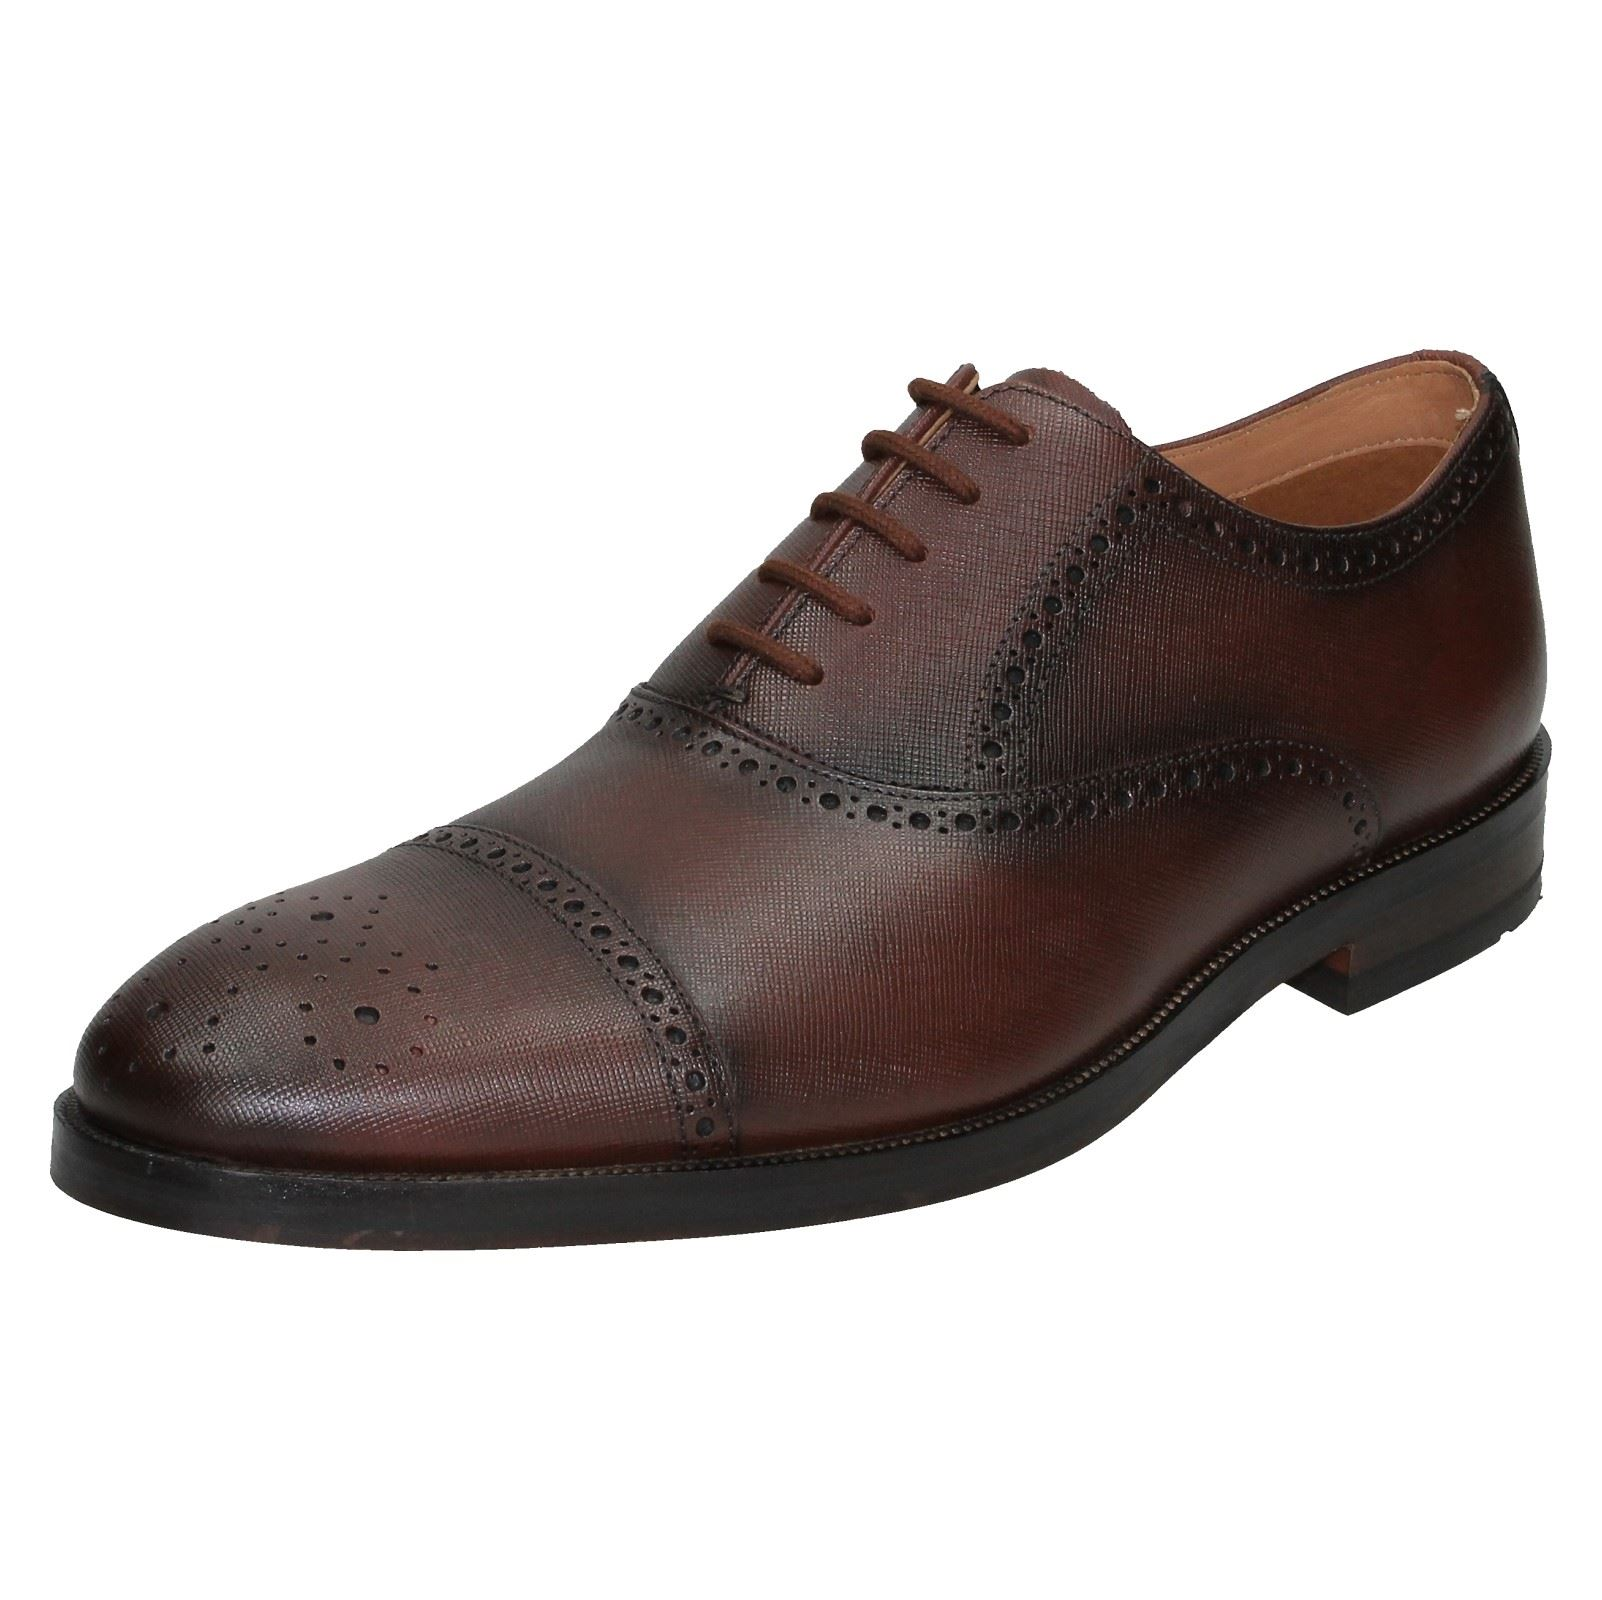 Detalles de Hombre clarks Puntera Detallado Zapatos Oliver Limite